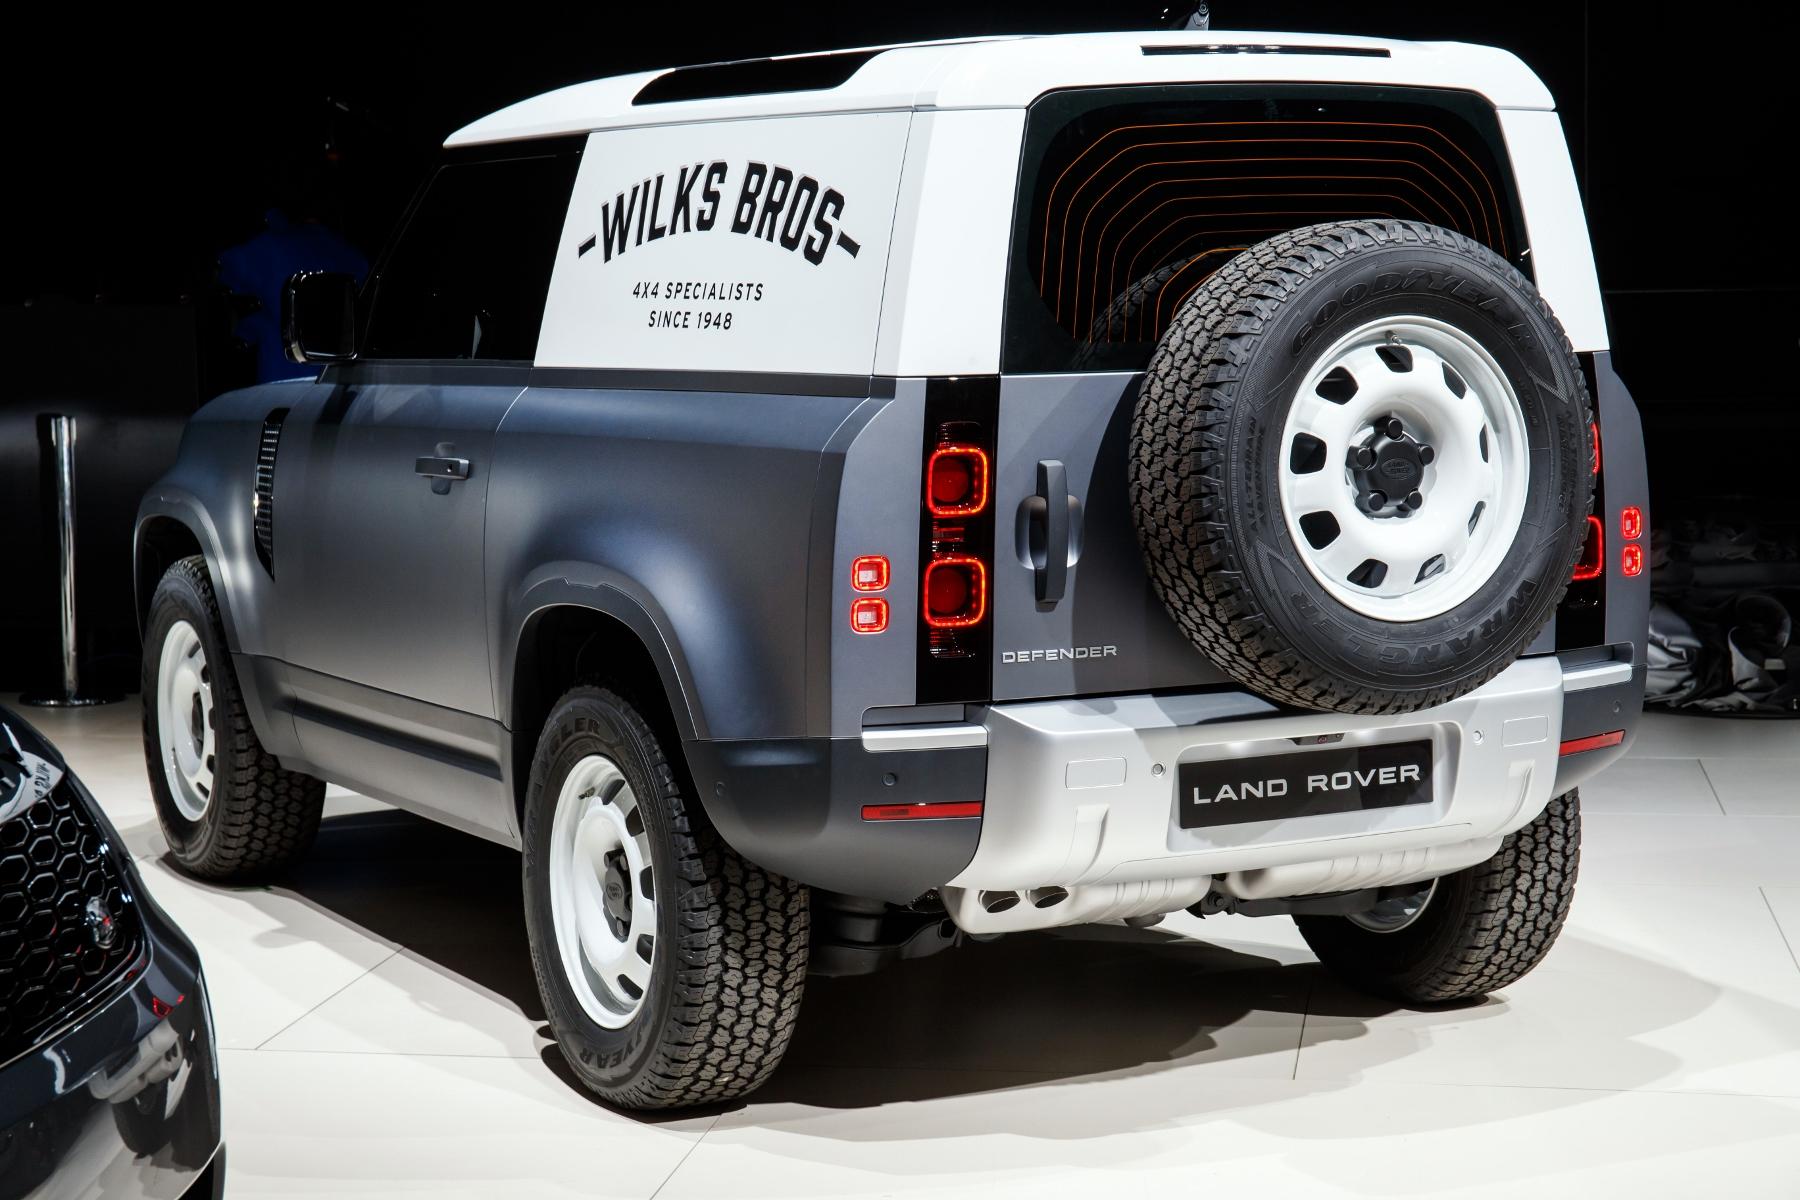 Nový Land Rover Defender prichádza v úžitkovej verzii Hard Top yhEXw9WfA3 3lrdefhardtopfrankfurt02-1